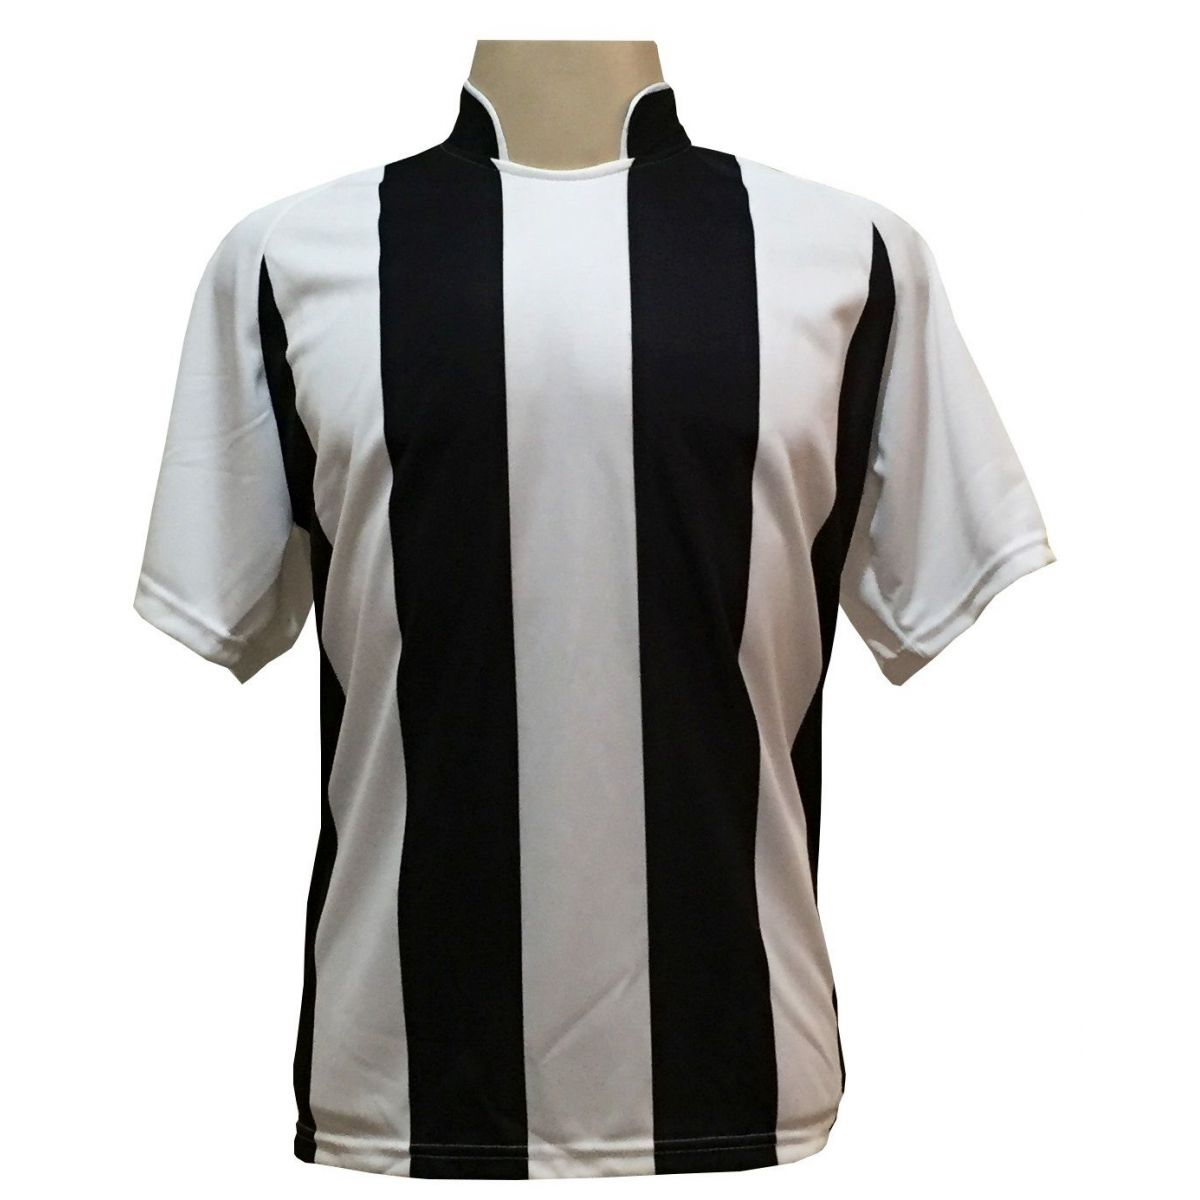 Uniforme Esportivo com 12 camisas modelo Milan Branco/Preto + 12 calções modelo Madrid + 1 Goleiro + Brindes